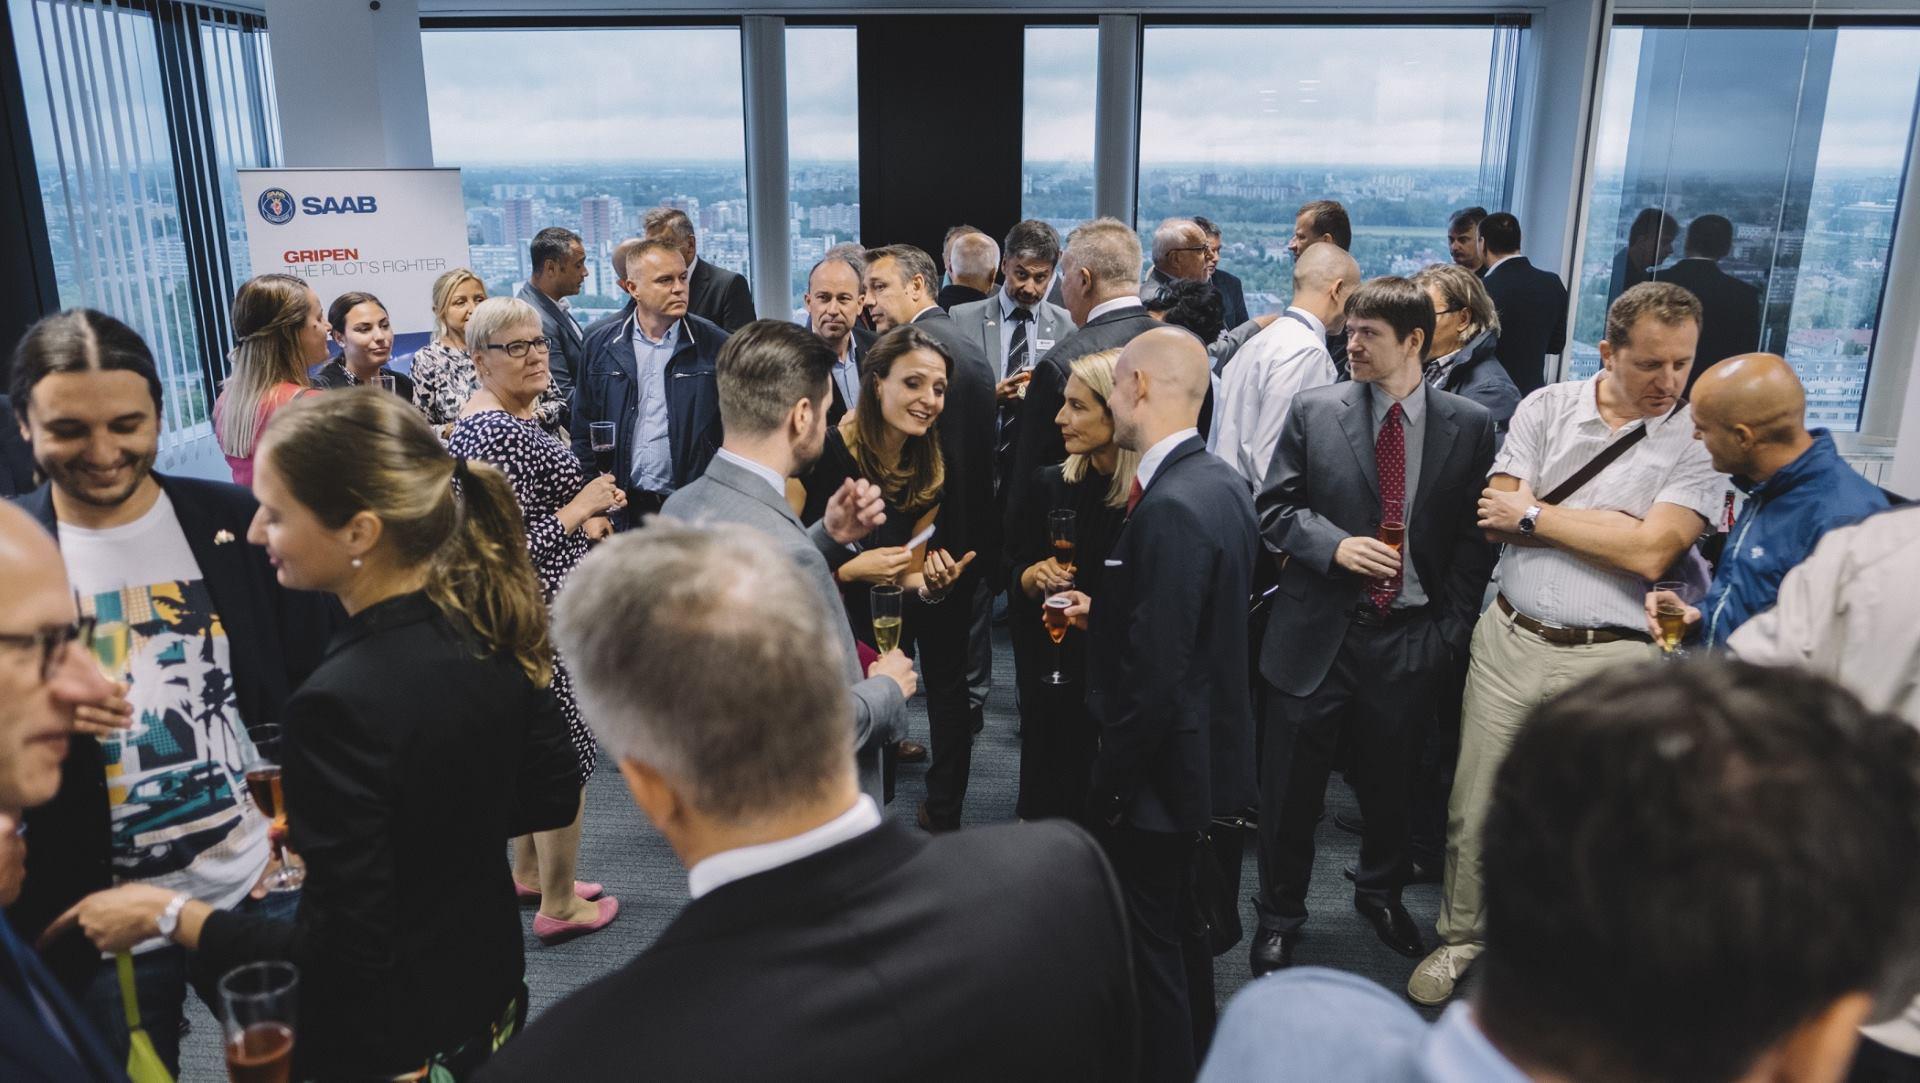 FOTO: Saab obilježio desetu obljetnicu poslovanja u Hrvatskoj i otvorio novi ured